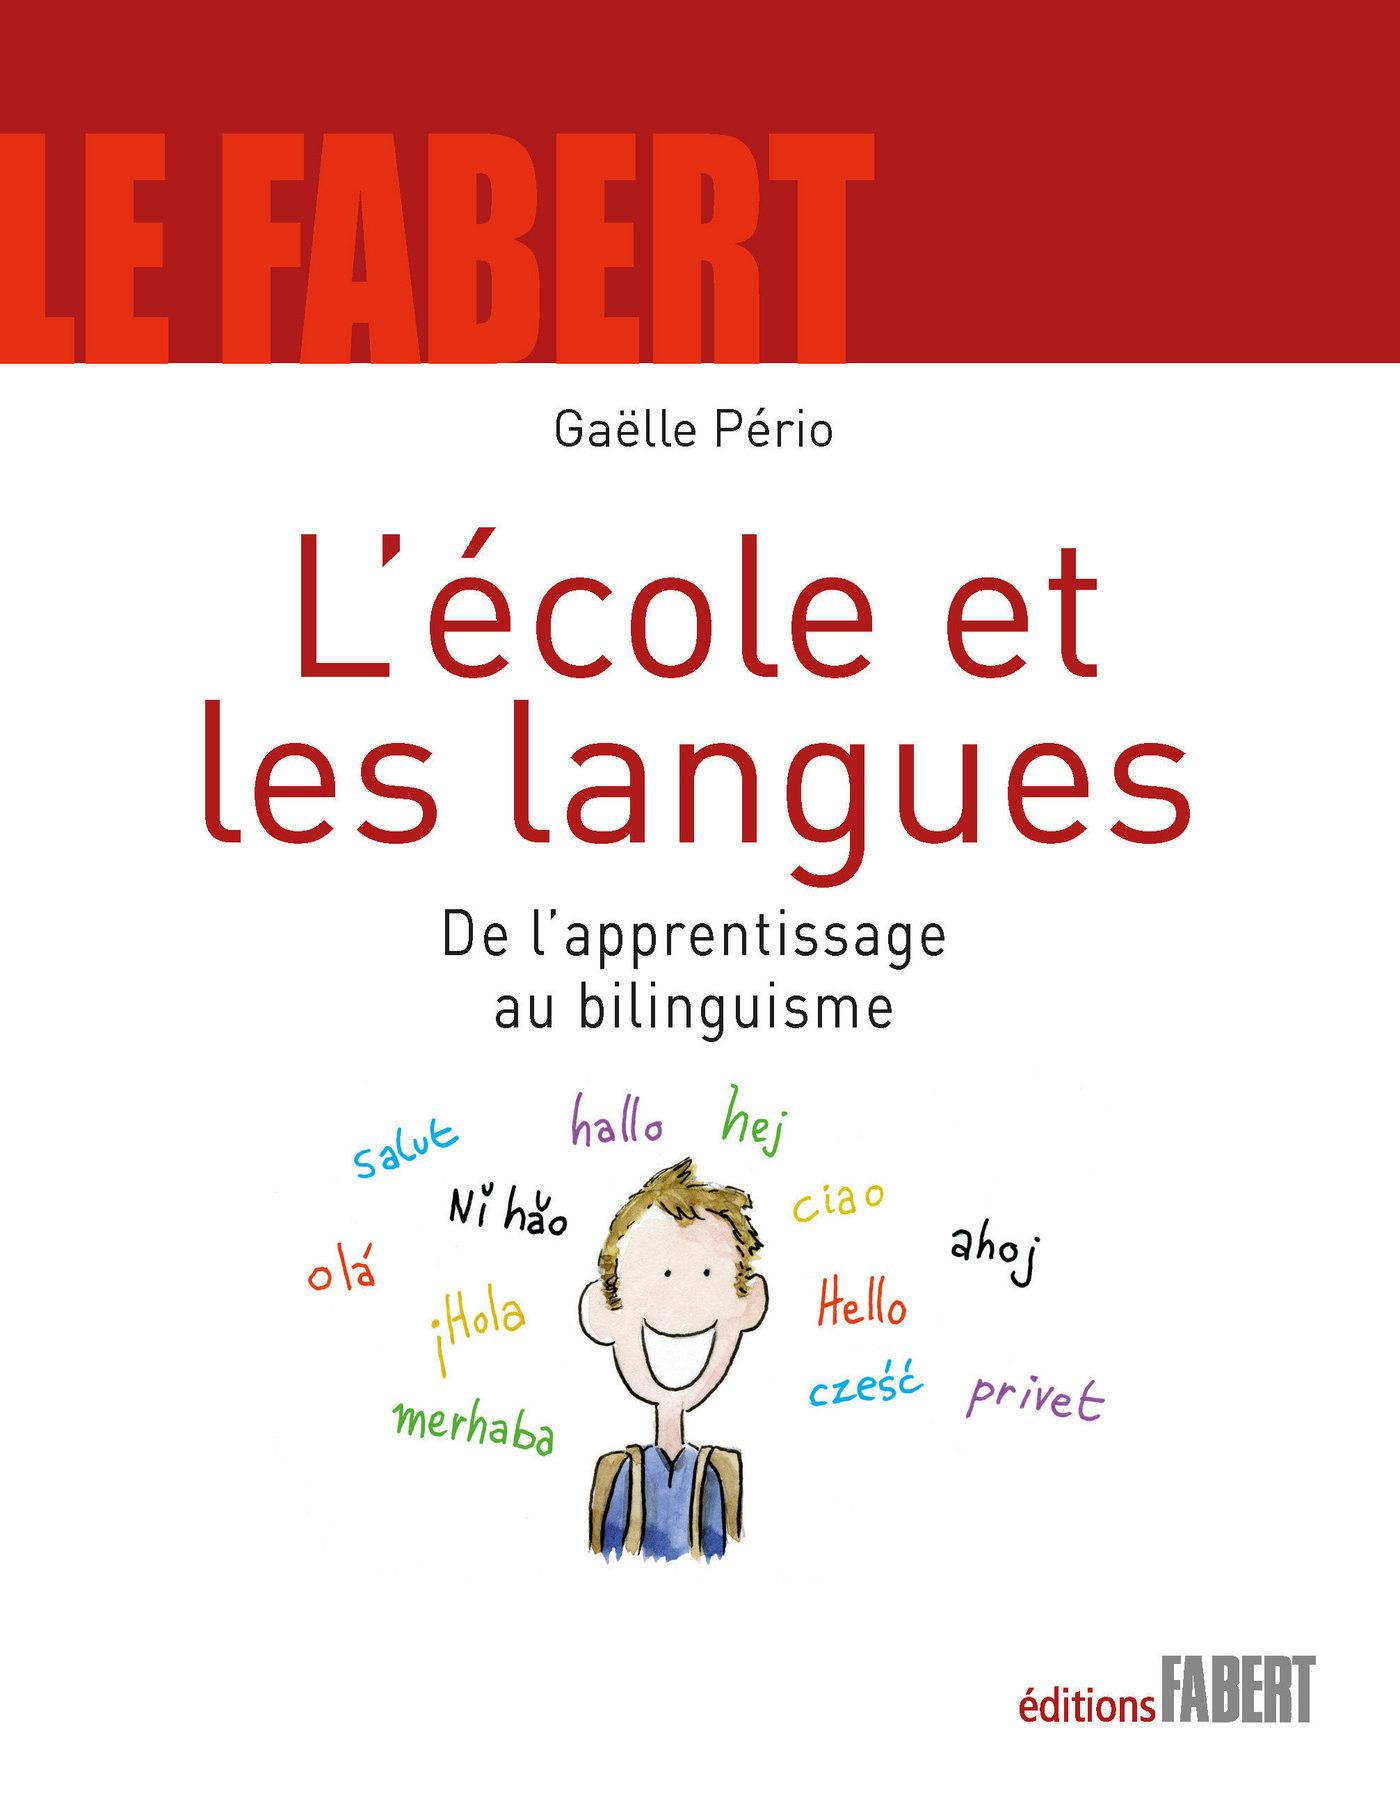 L'Ecole et les langues